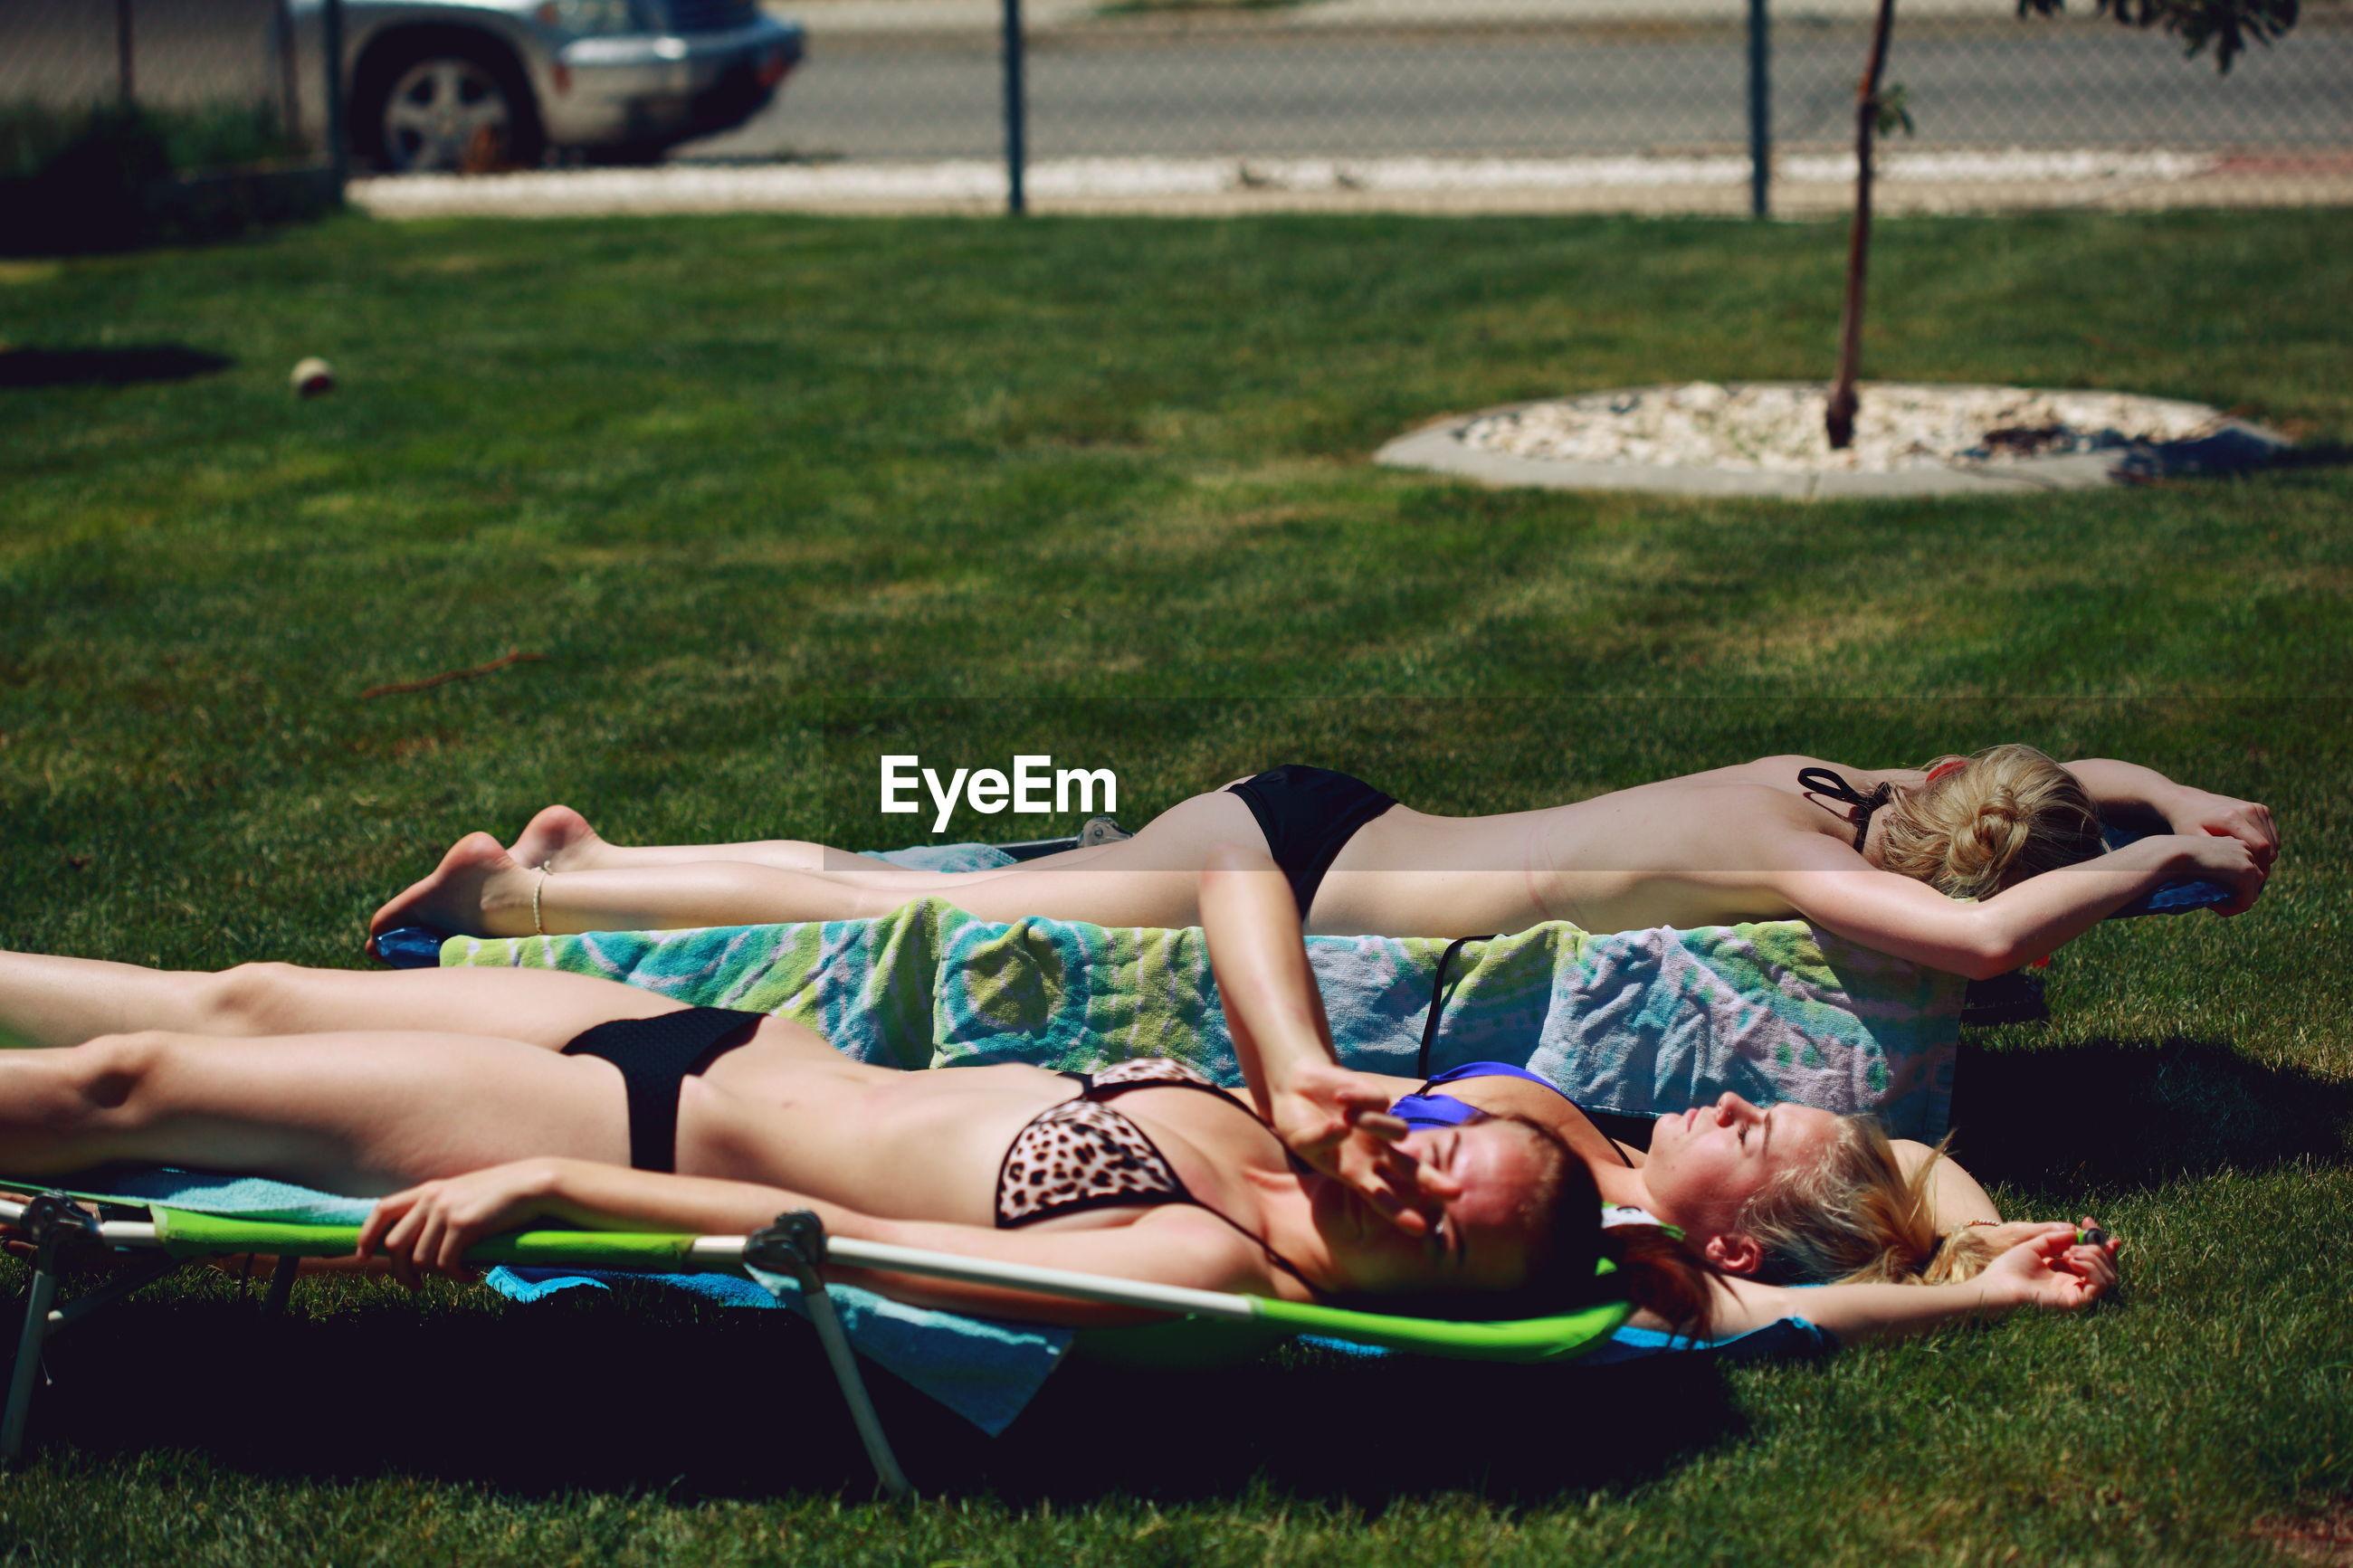 Friends sunbathing on grassy field in yard